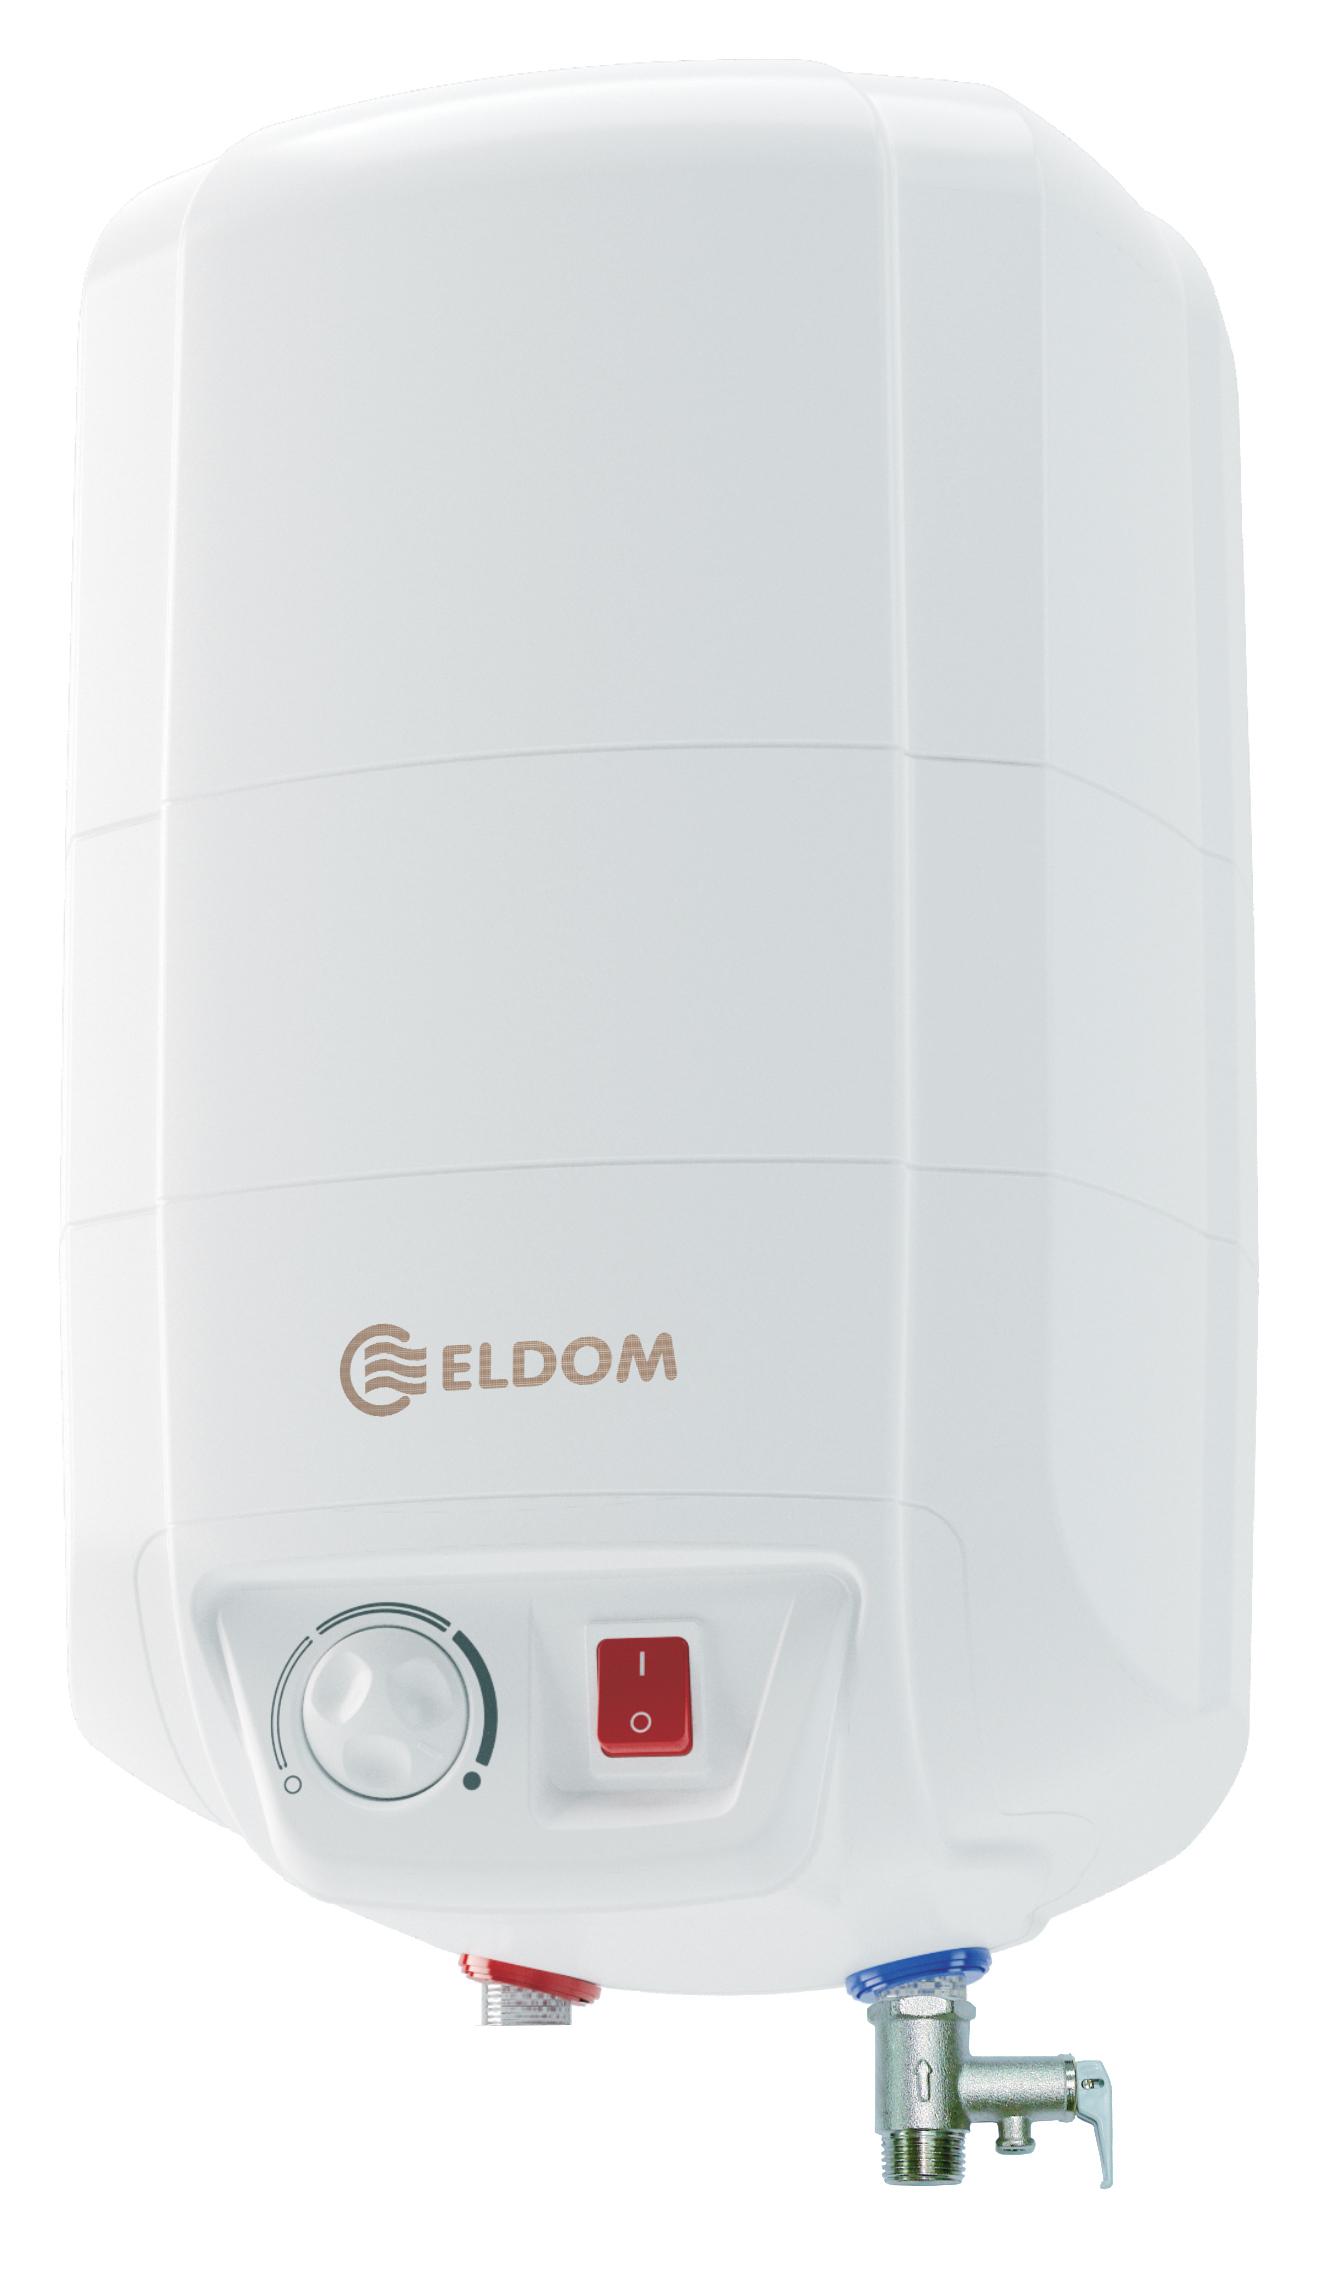 Warmwasserspeicher Eldom 10 druckfest übertisch